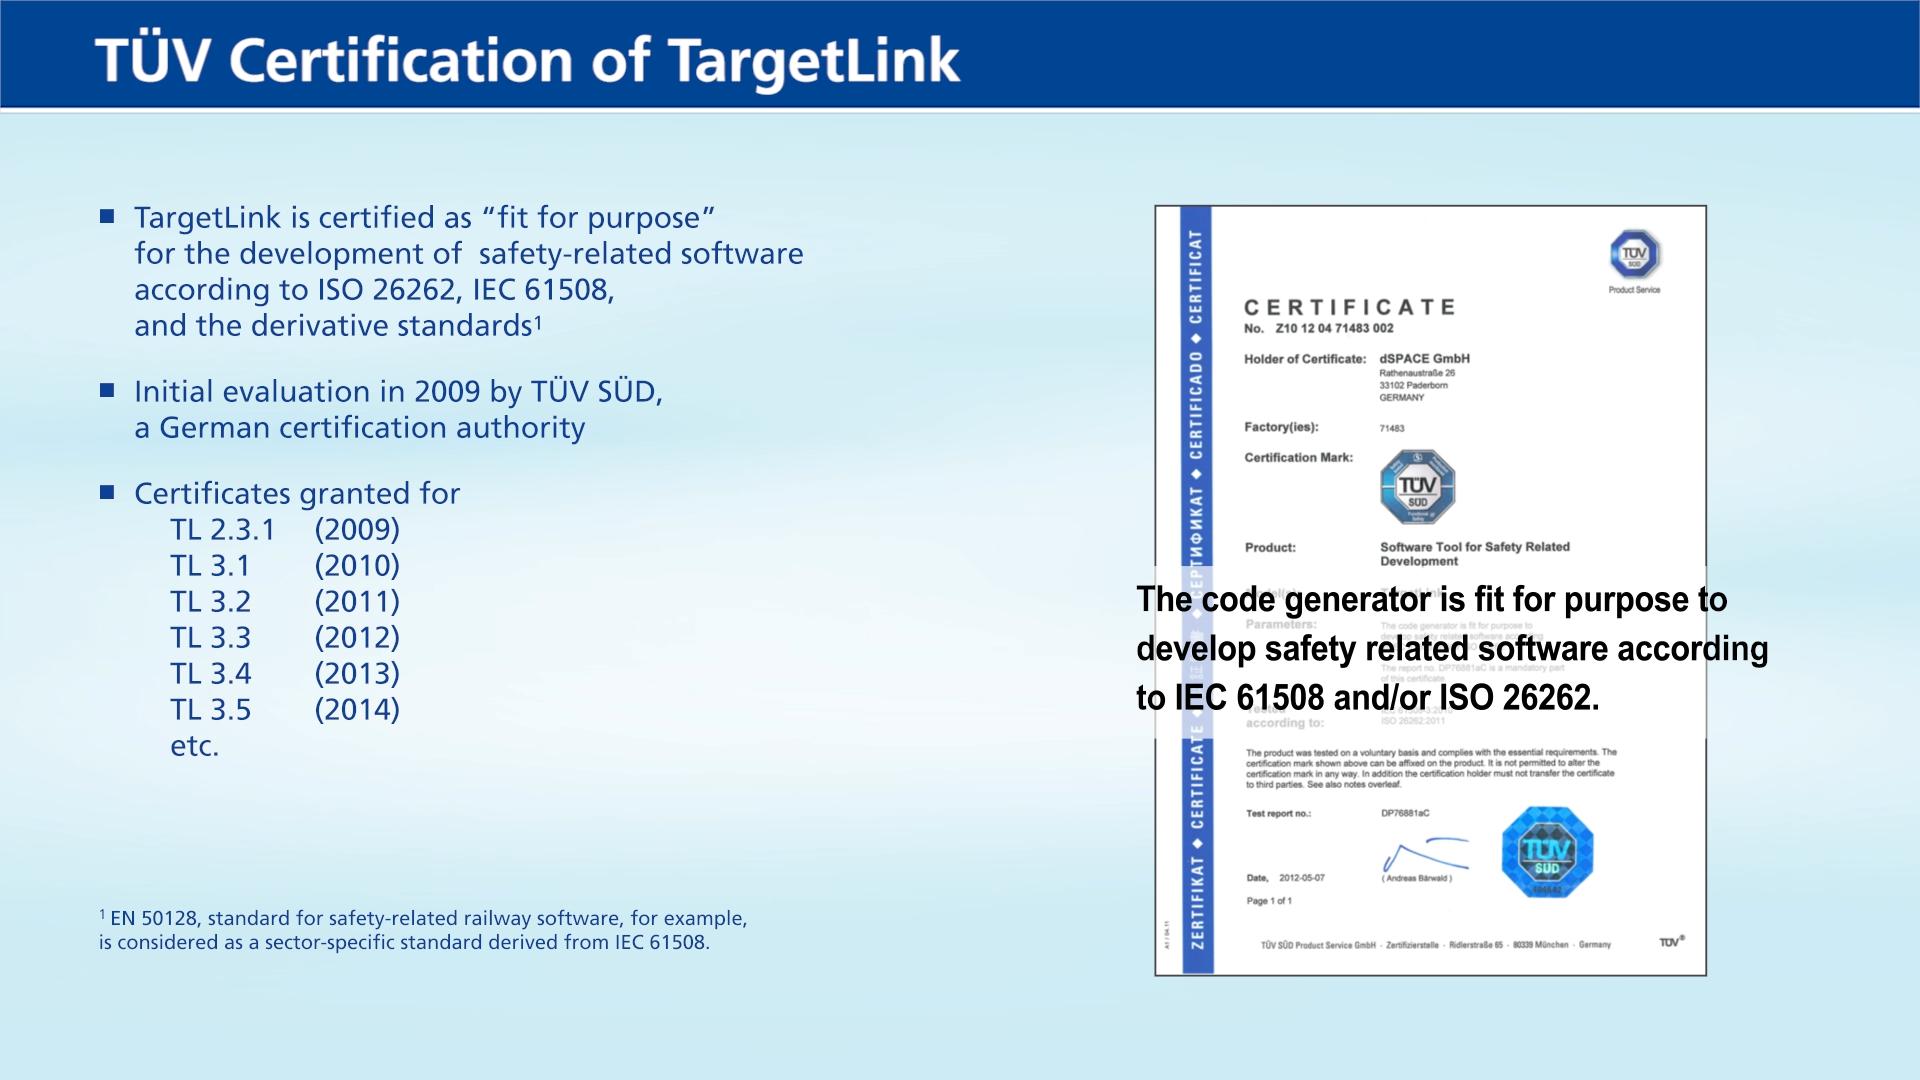 Targetlink Dspace